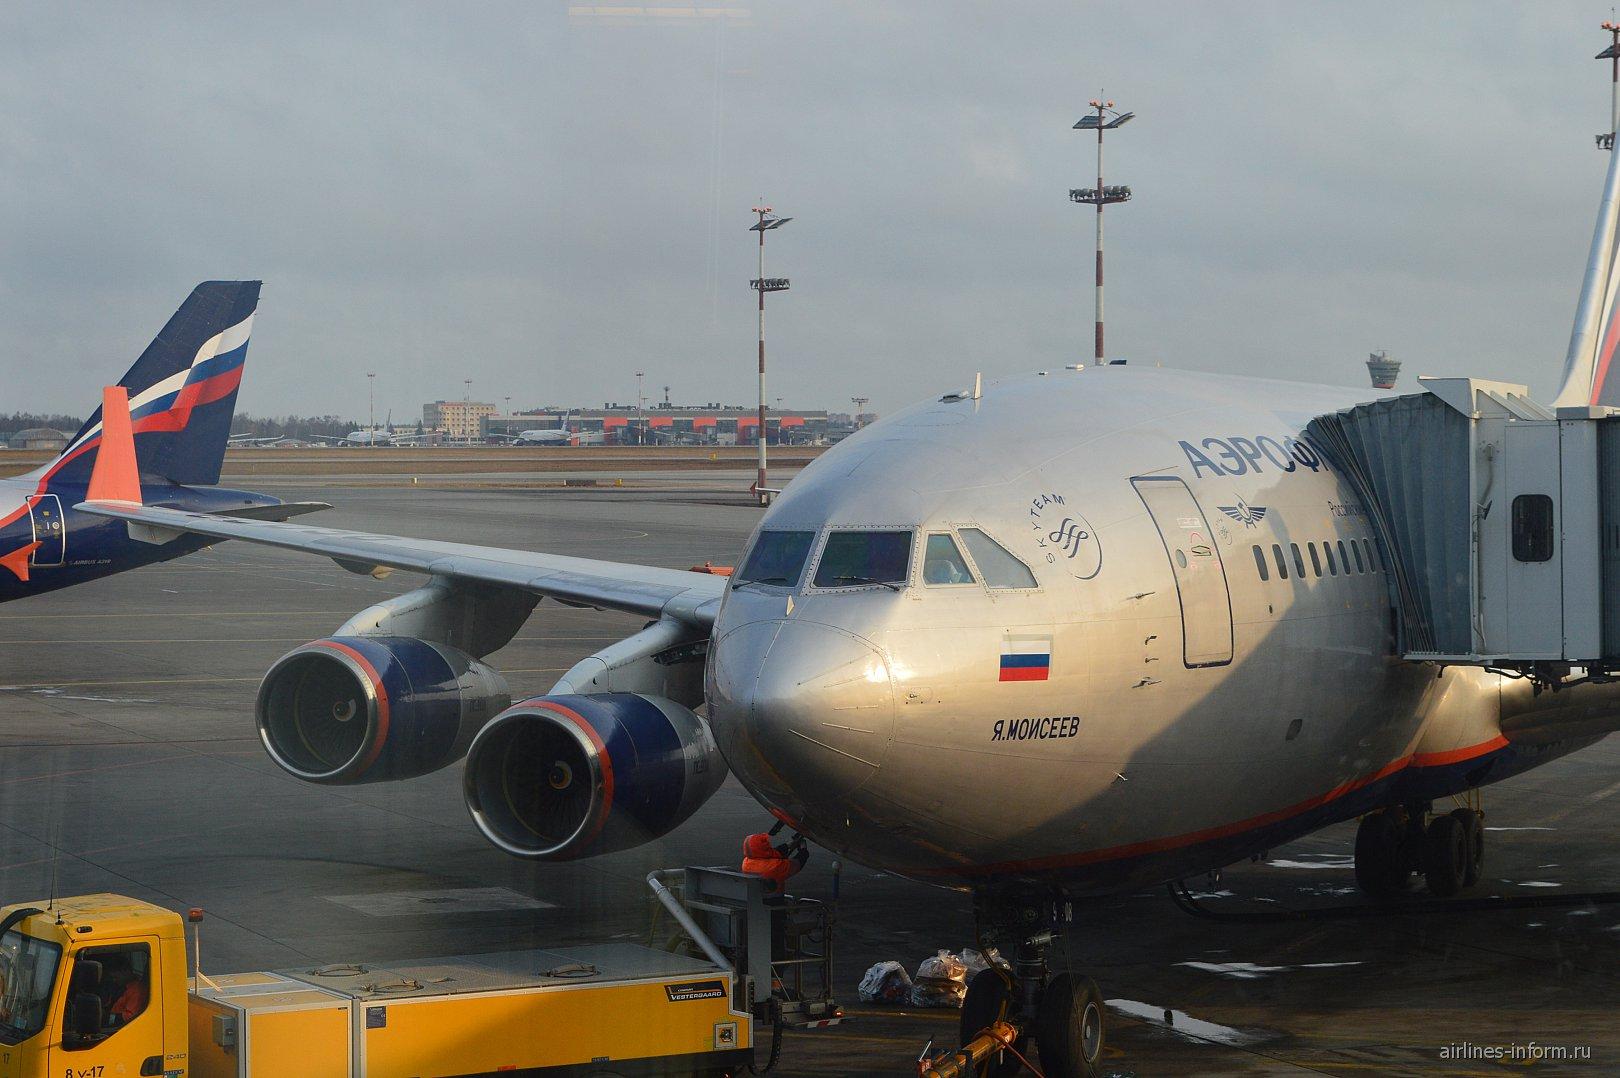 Самолет Ил-96-300 Аэрофлота в аэропорту Шереметьево